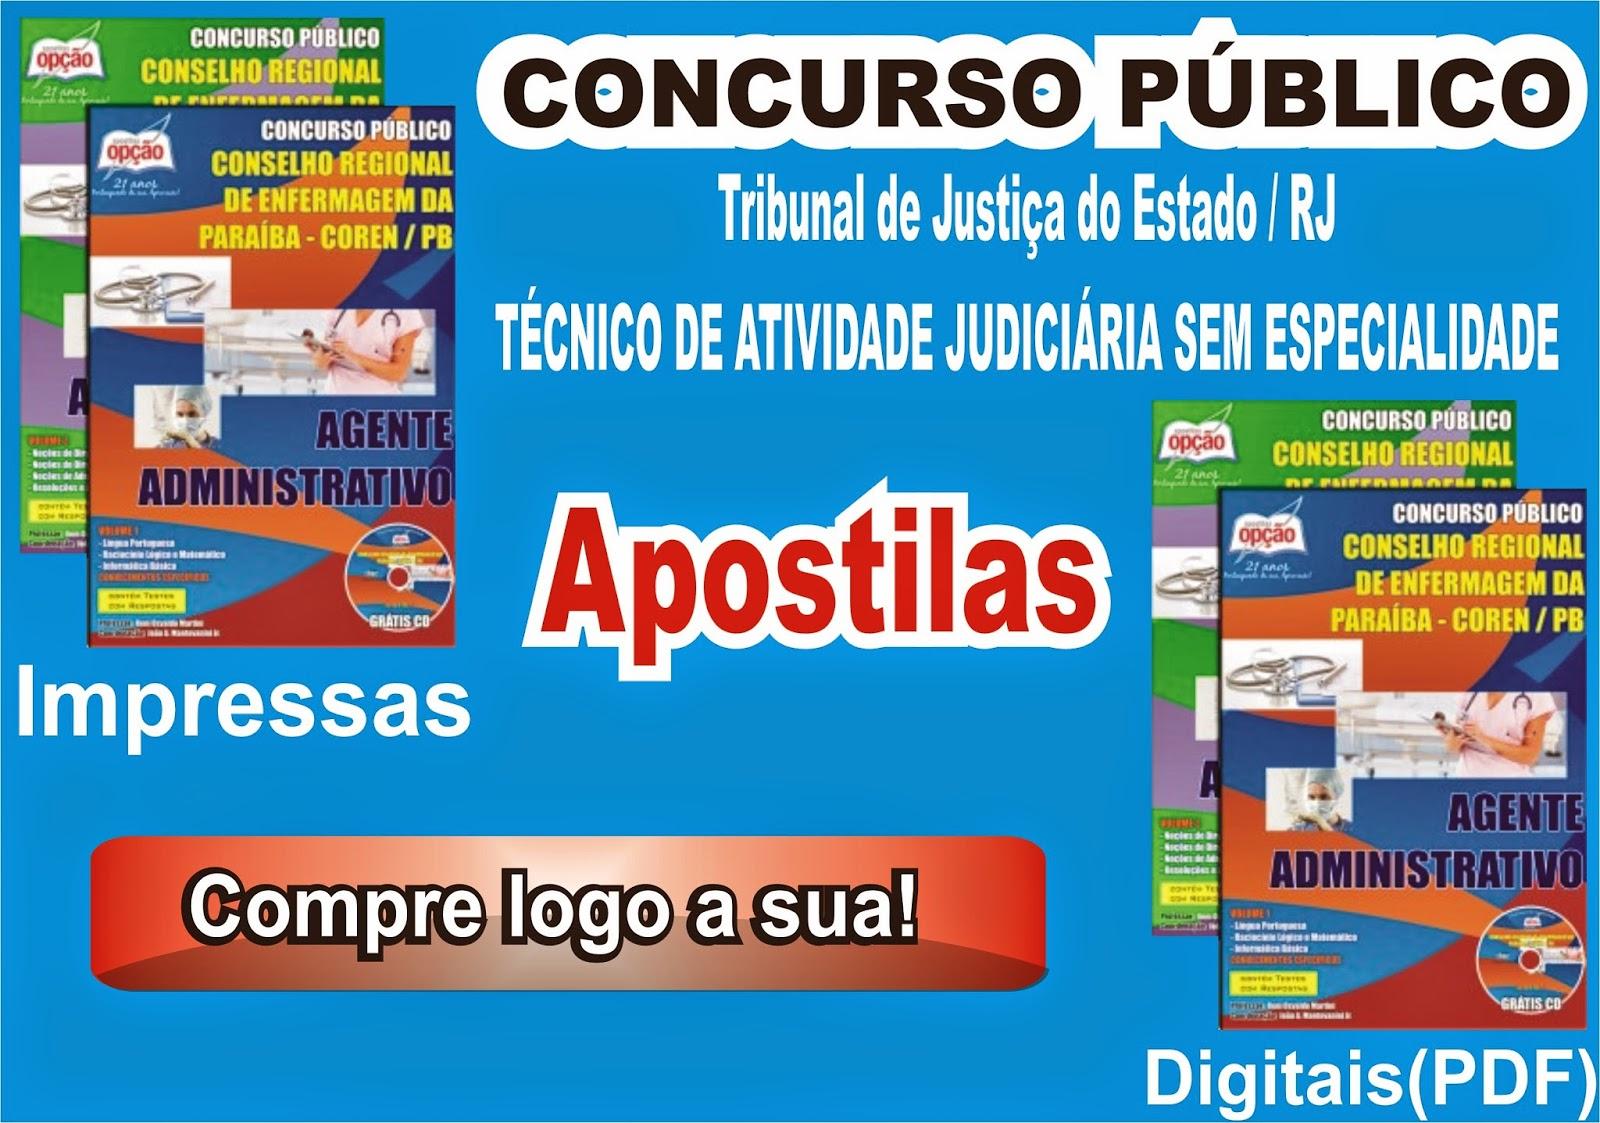 http://www.apostilasopcao.com.br/apostilas/1323/2303/tribunal-de-justica-do-estado-rj/tecnico-de-atividade-judiciaria-sem-especialidade.php?afiliado=2561